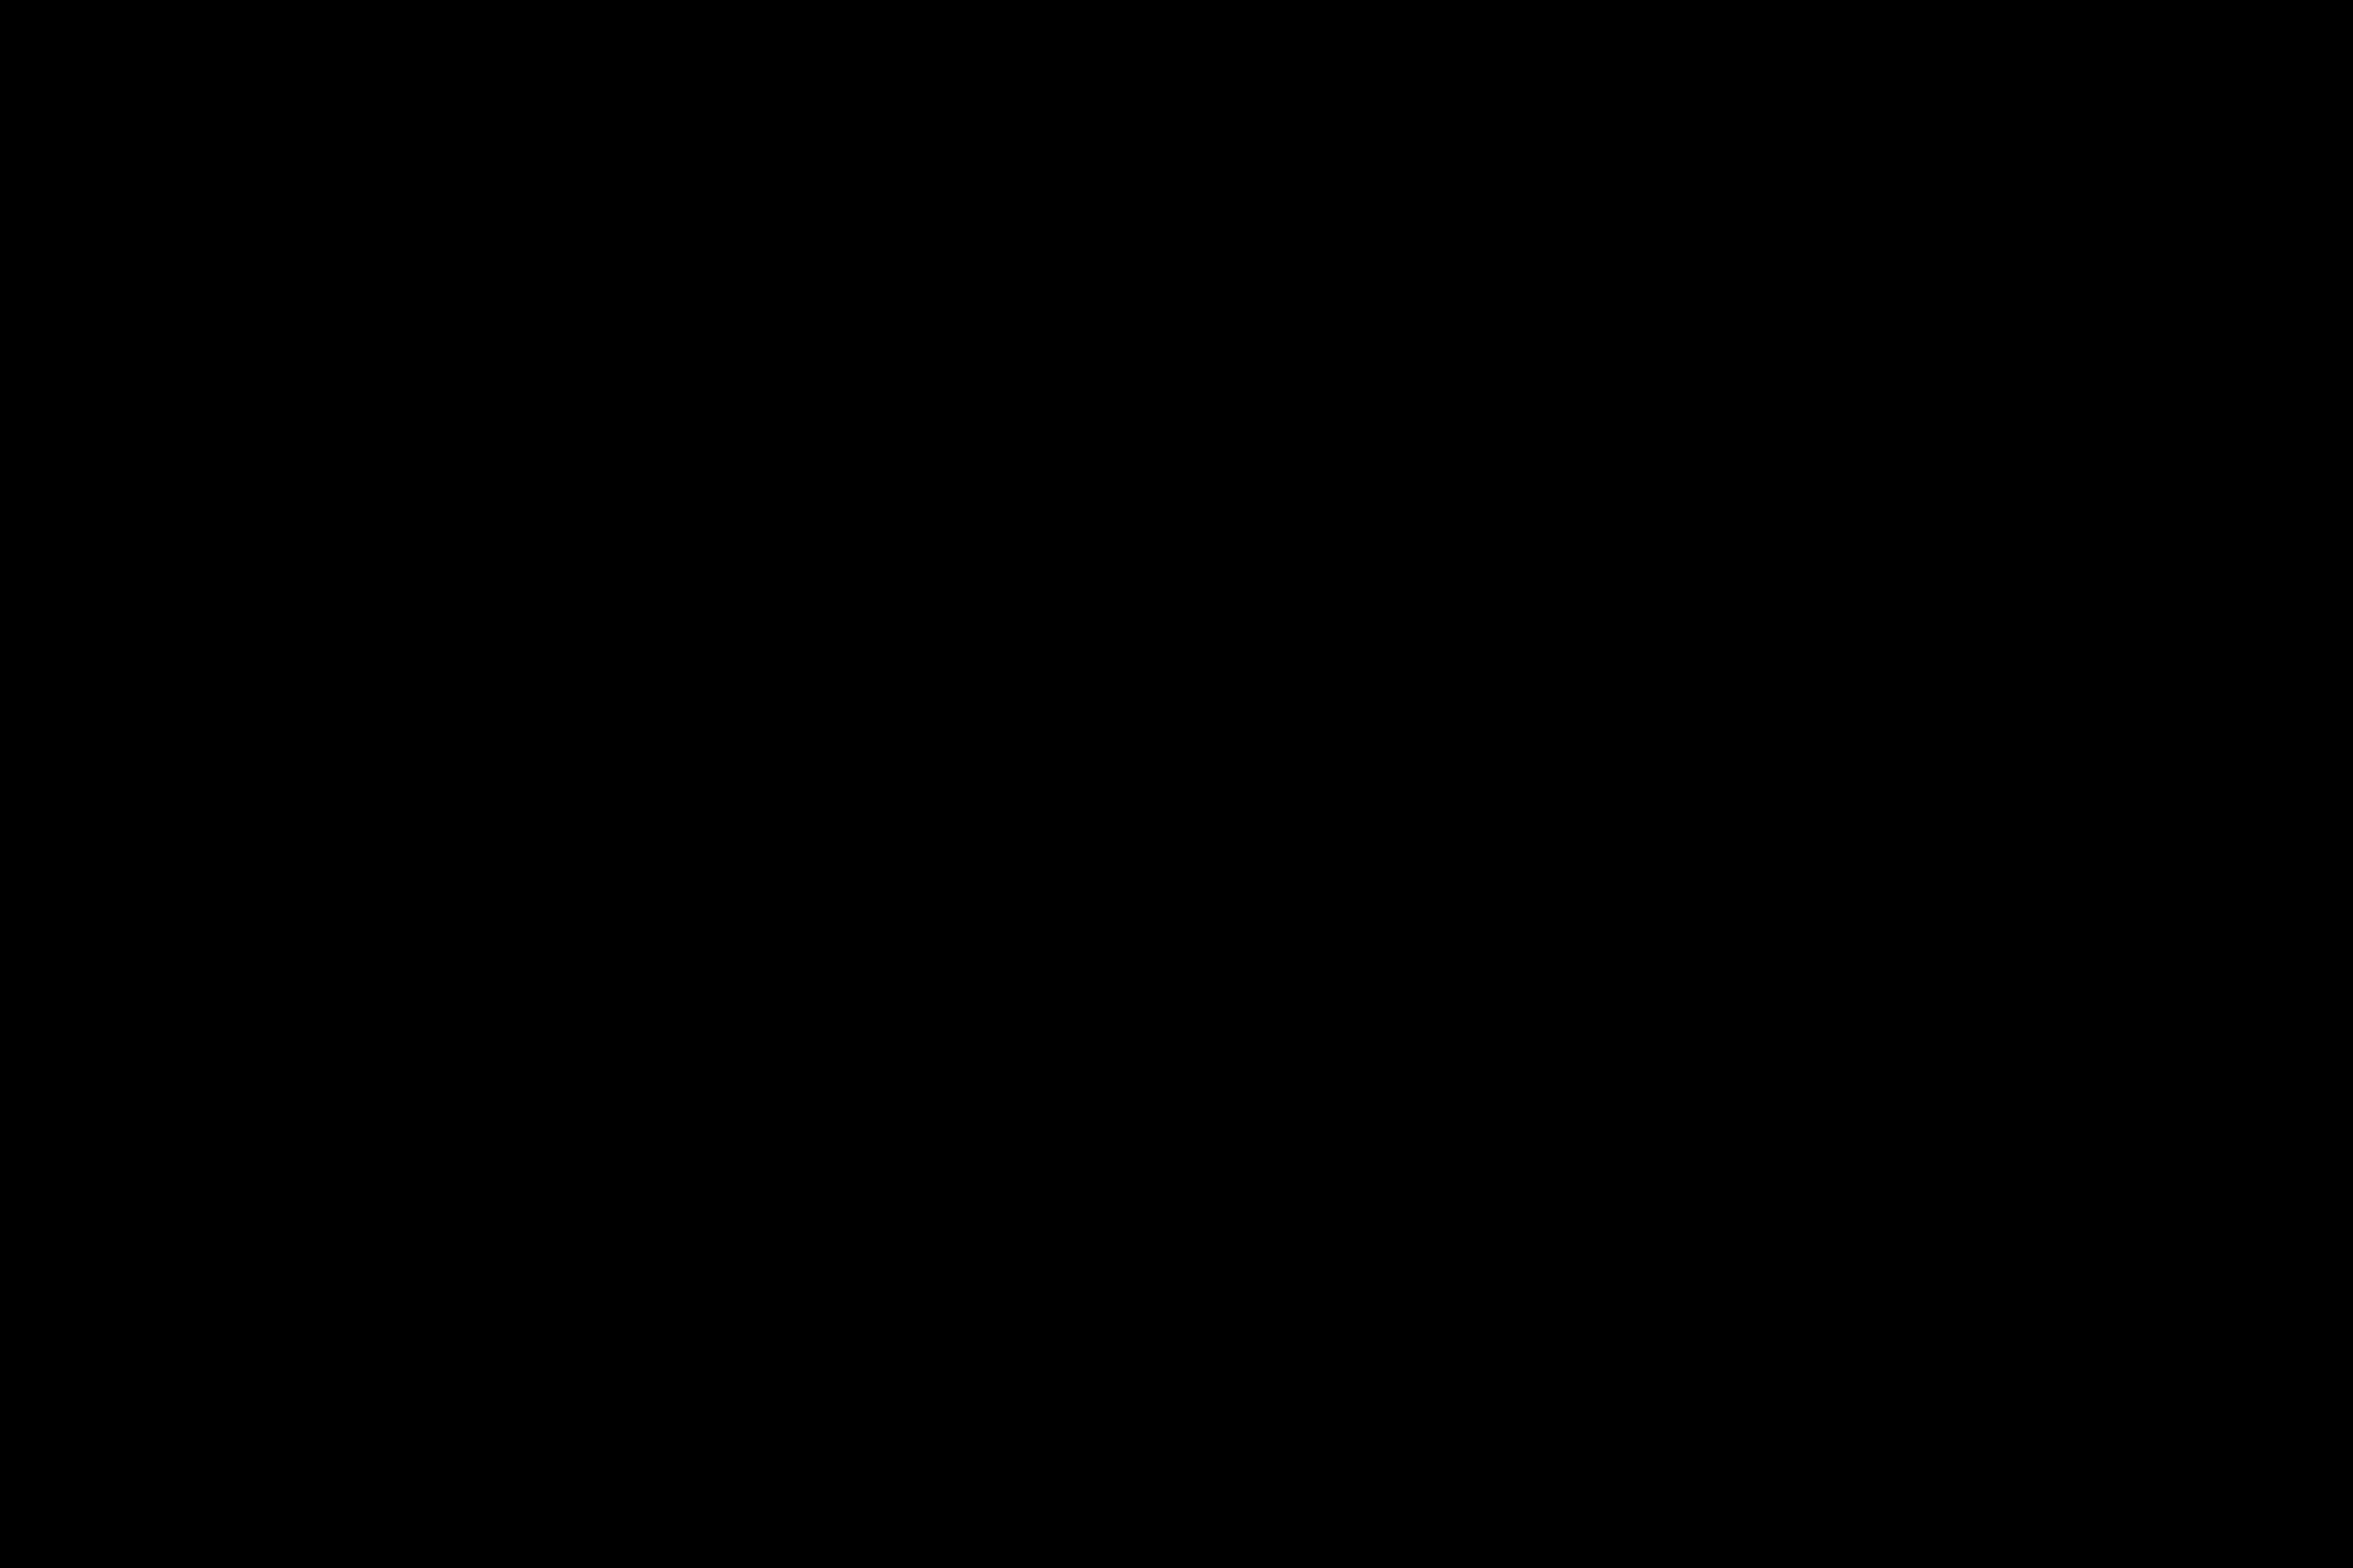 台灣漫畫家左萱為「台灣漫畫夜市」活動繪製主視覺.jpg